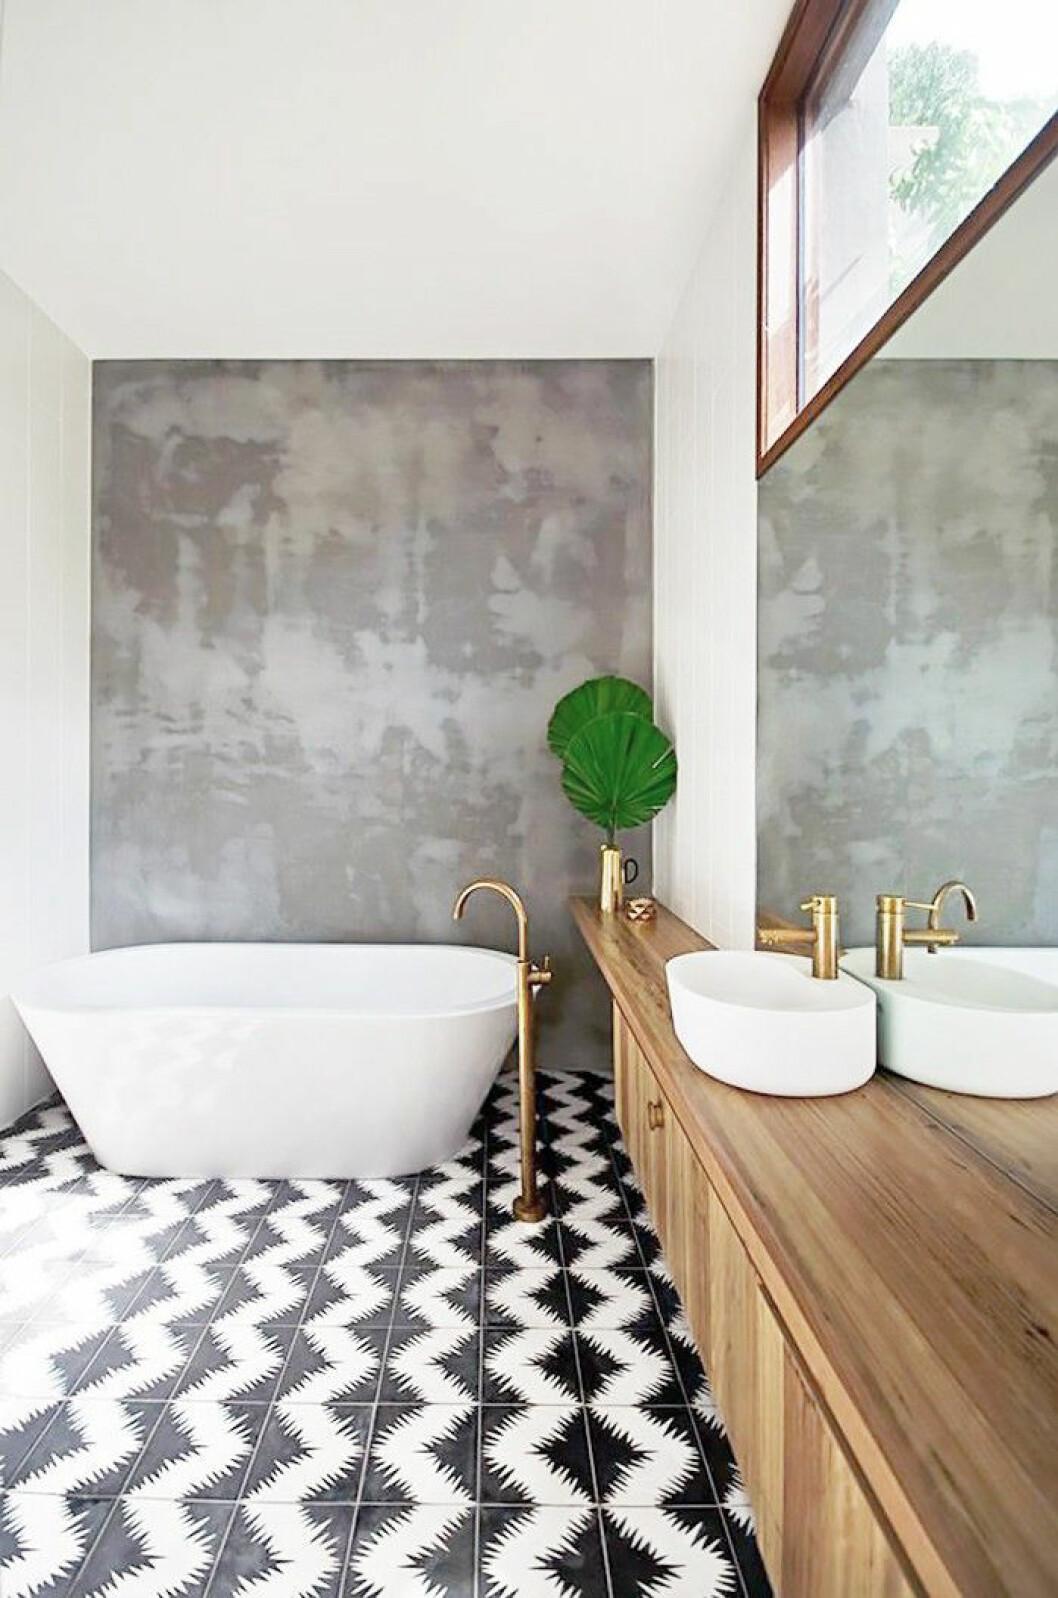 Svart/vitt klinker på golvet mot betongvägg i ett badrum.